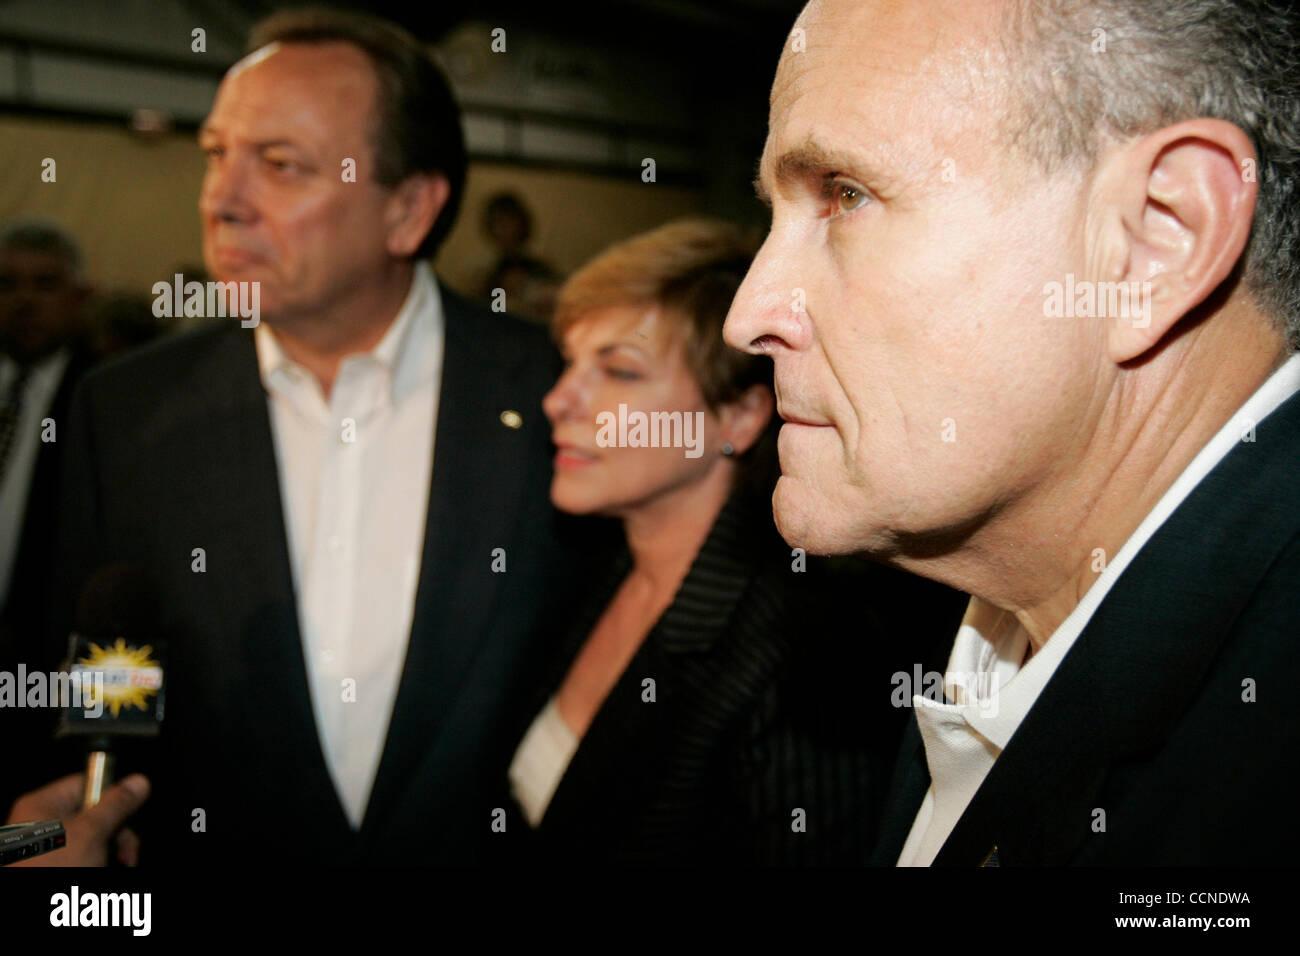 l ancien maire de new york rudolph giuliani voyages avec l ancien secretaire d etat de californie bill jones qui est en cours d execution a l encontre de